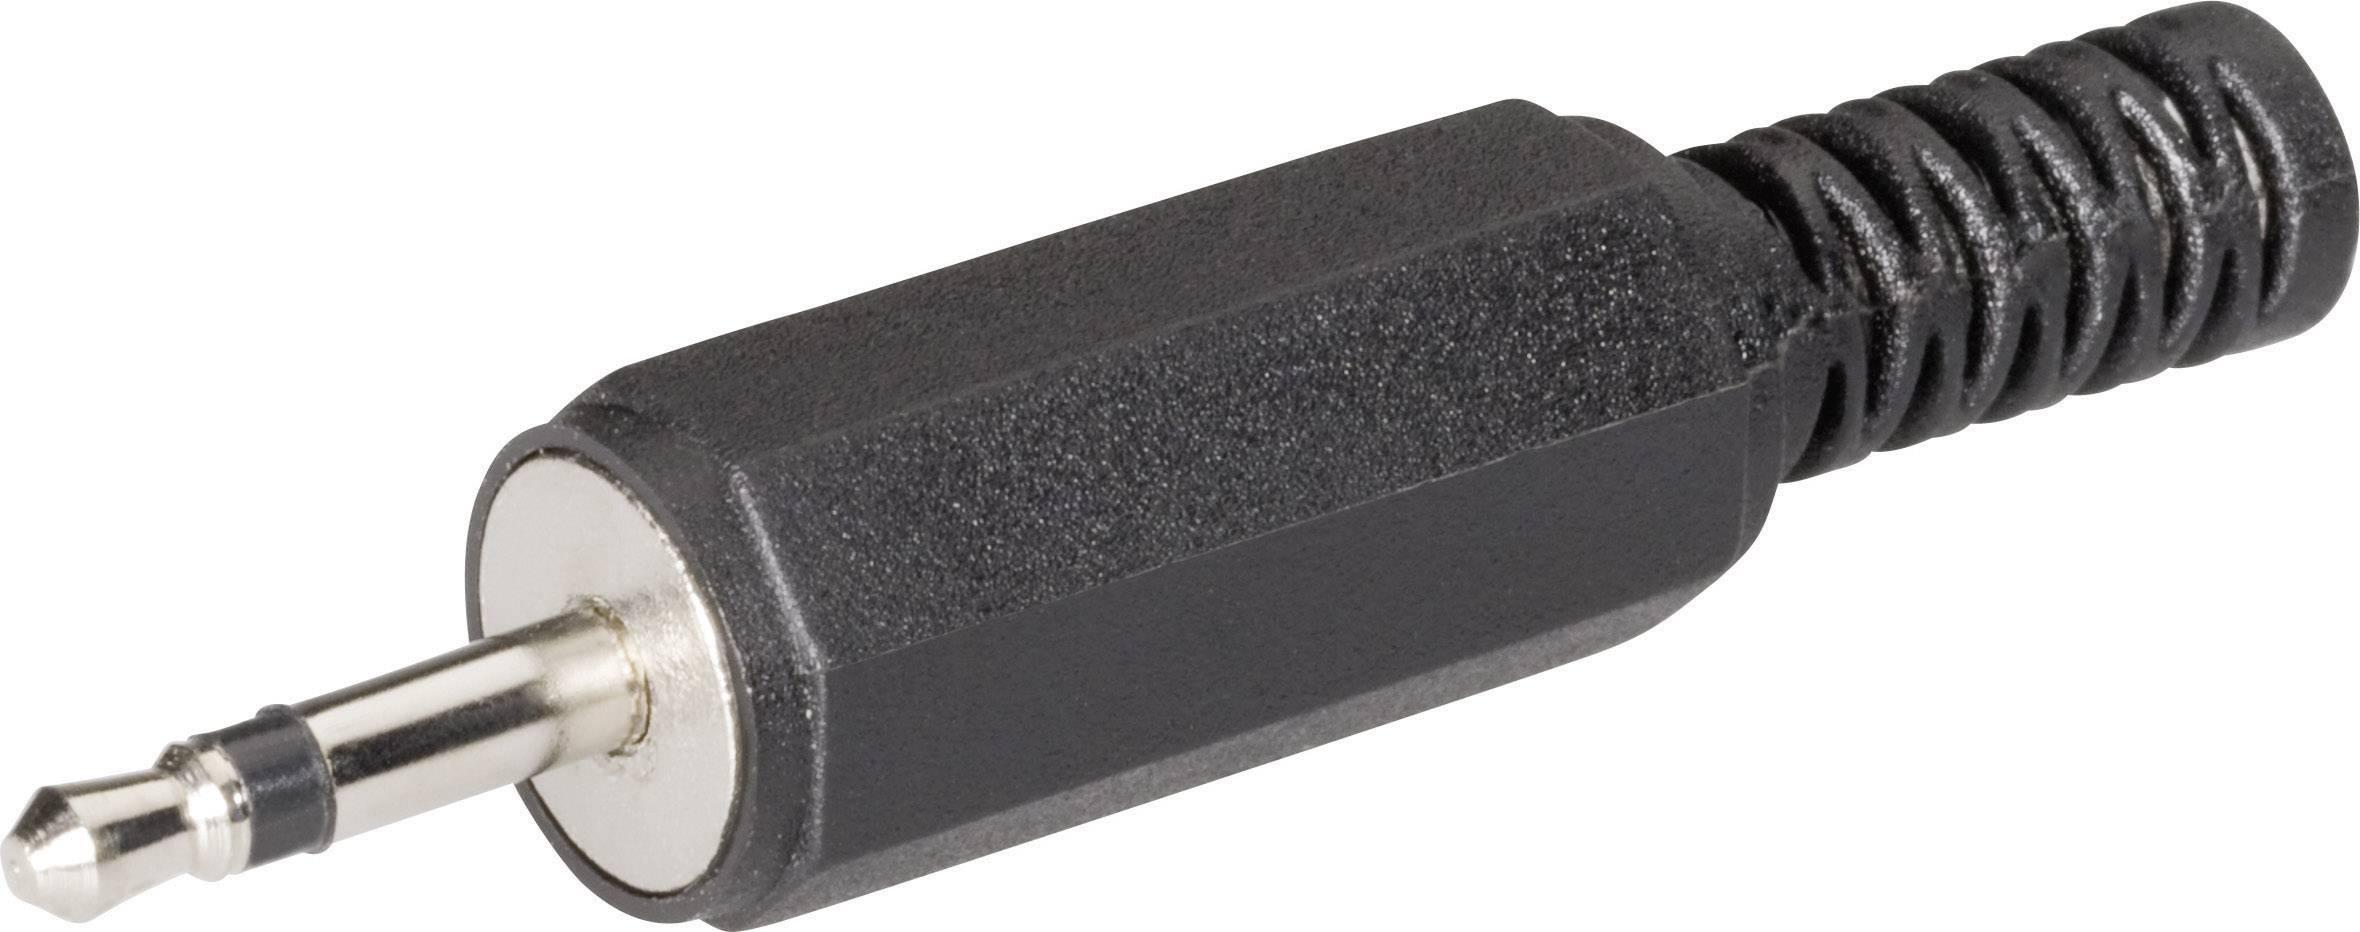 Jack konektor 2.5 mm čiernobiela zástrčka, rovná BKL Electronic 072117, pinov 2, čierna, 1 ks